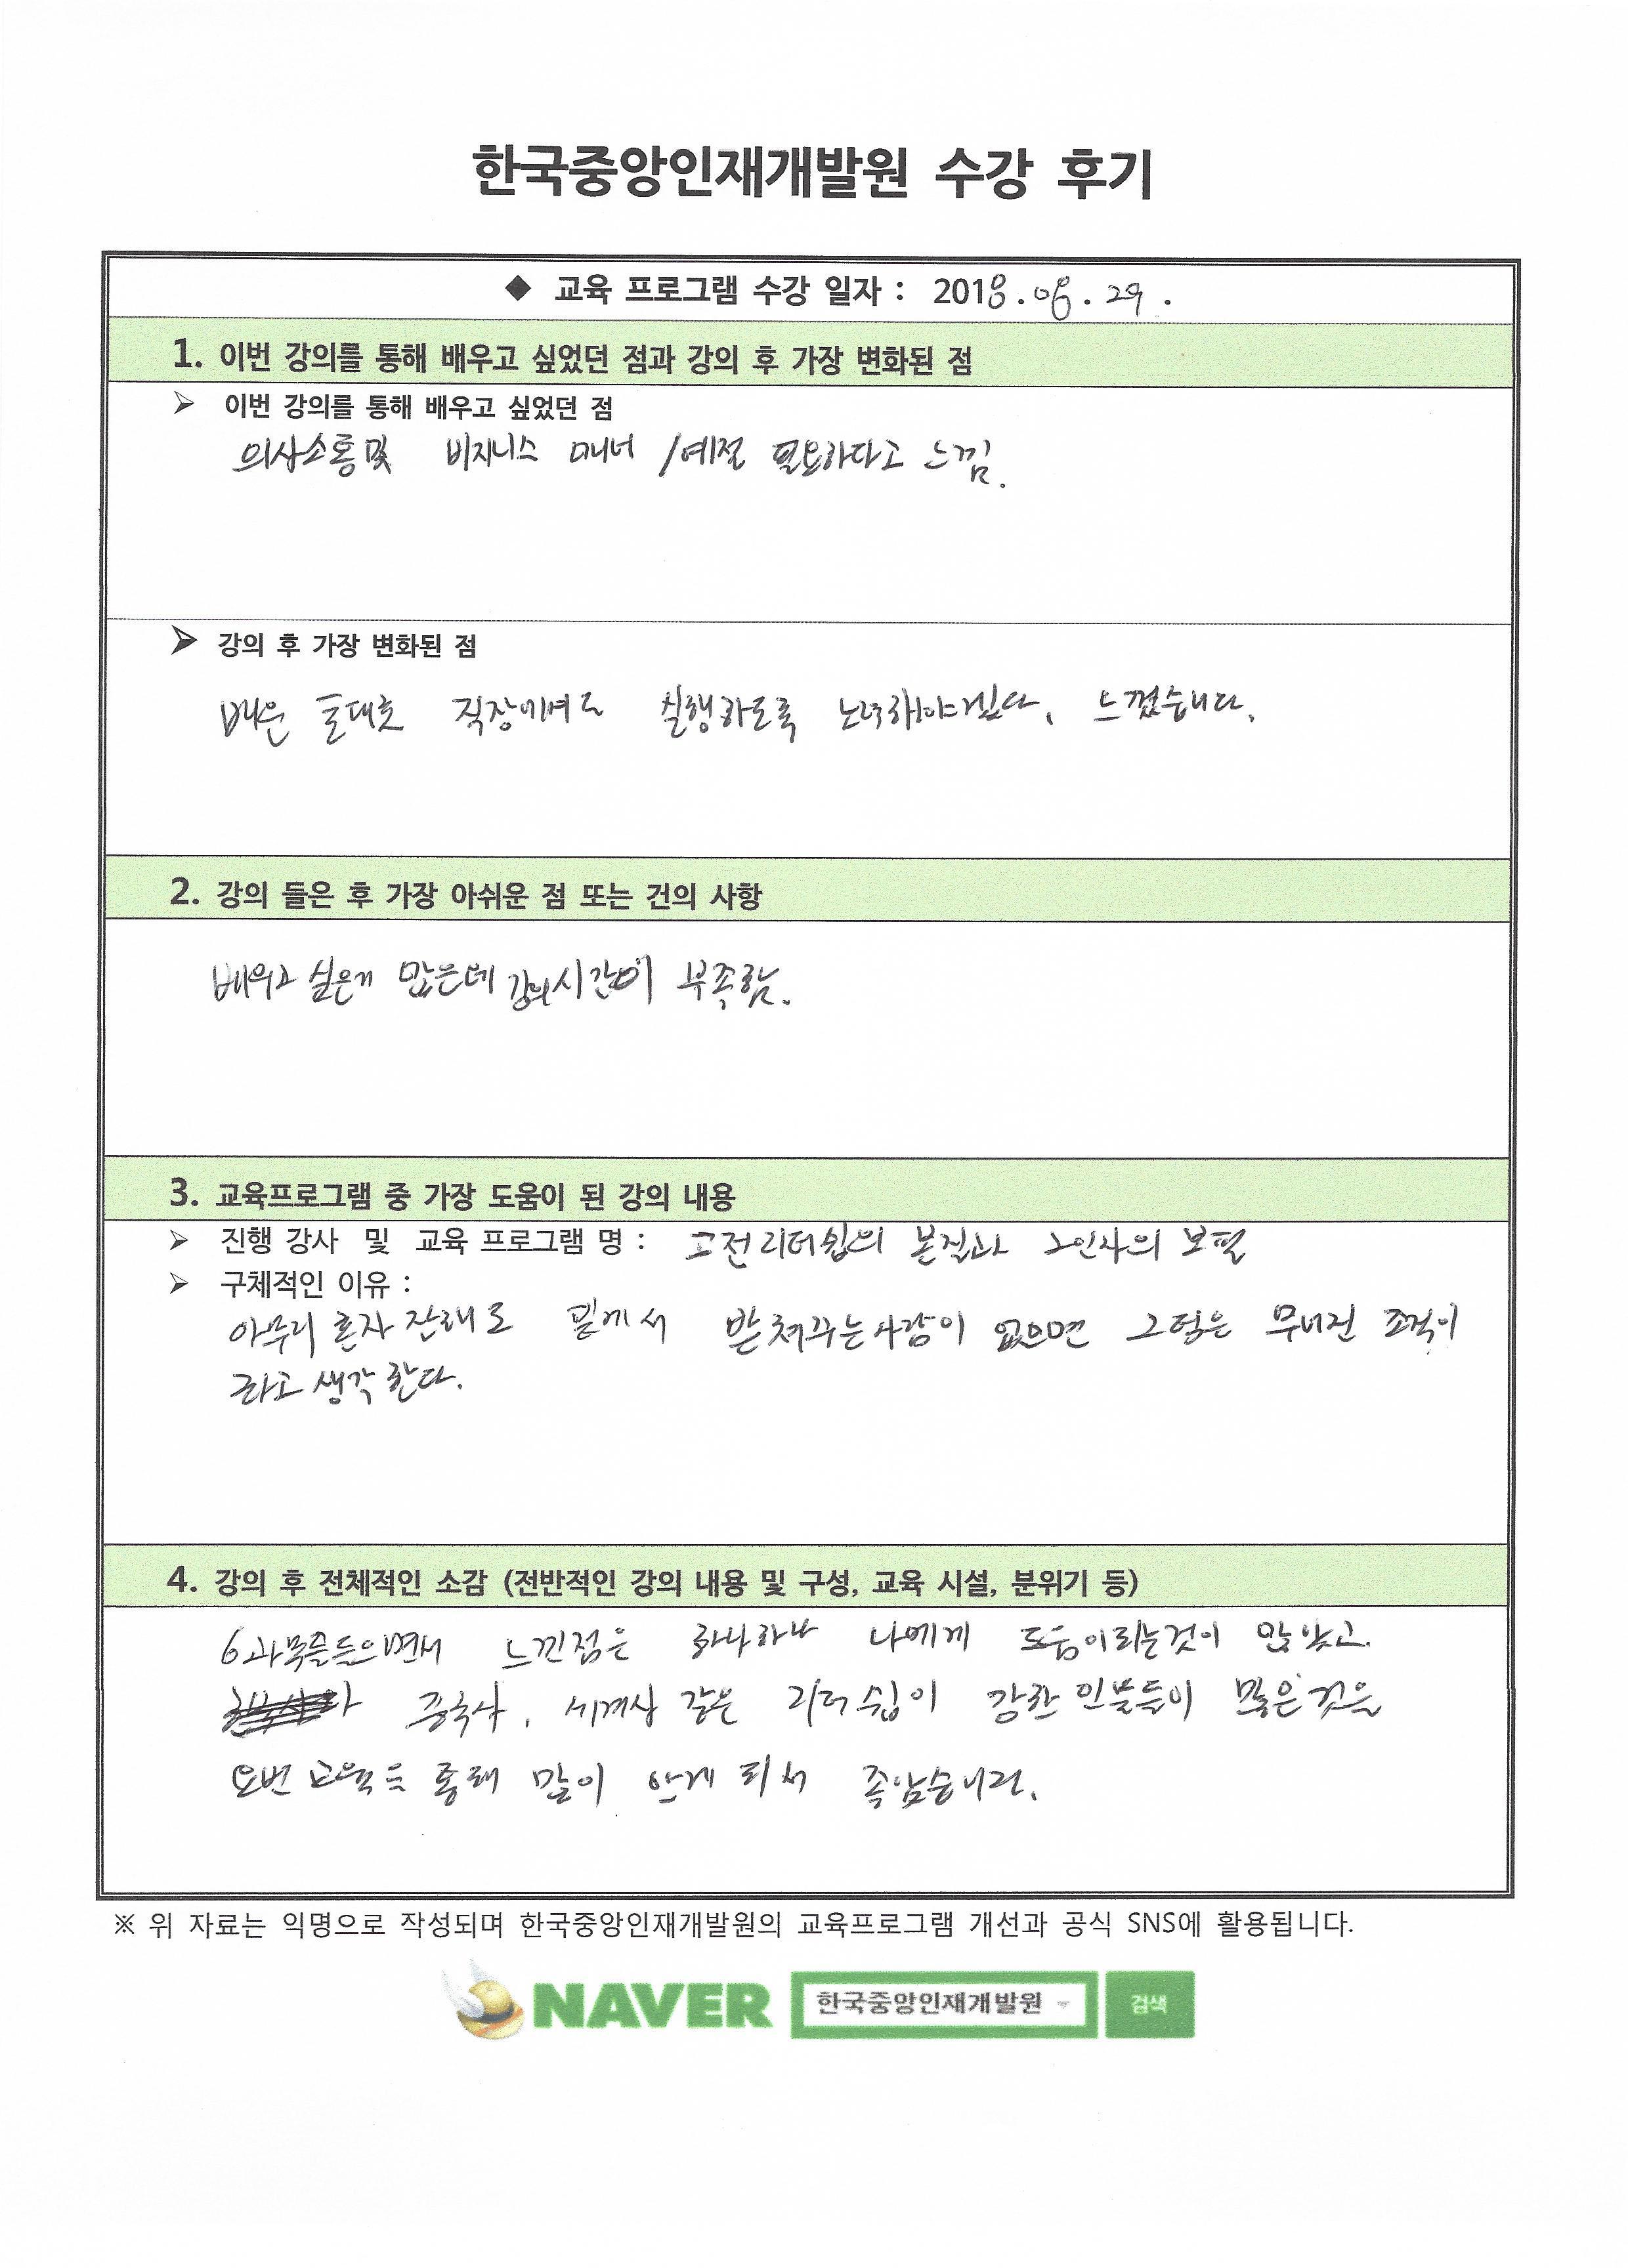 한국팜비오 후기-7 사본.JPG